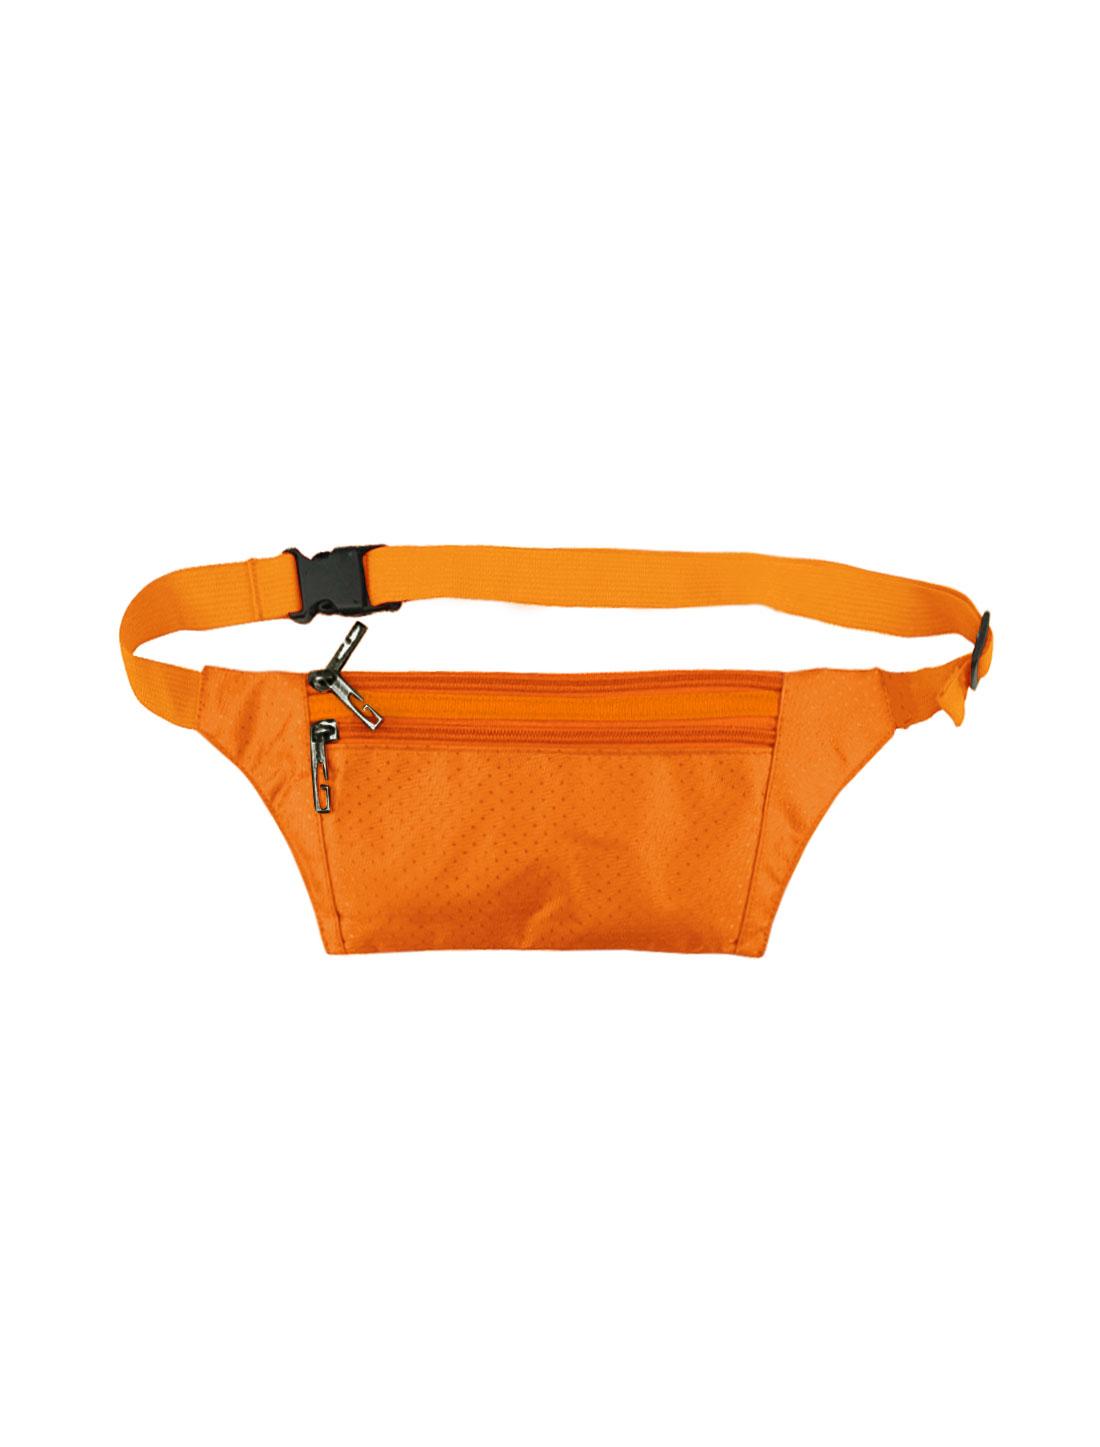 Unisex Three Zipper Pockets Argyle Design Waist Bag Orange